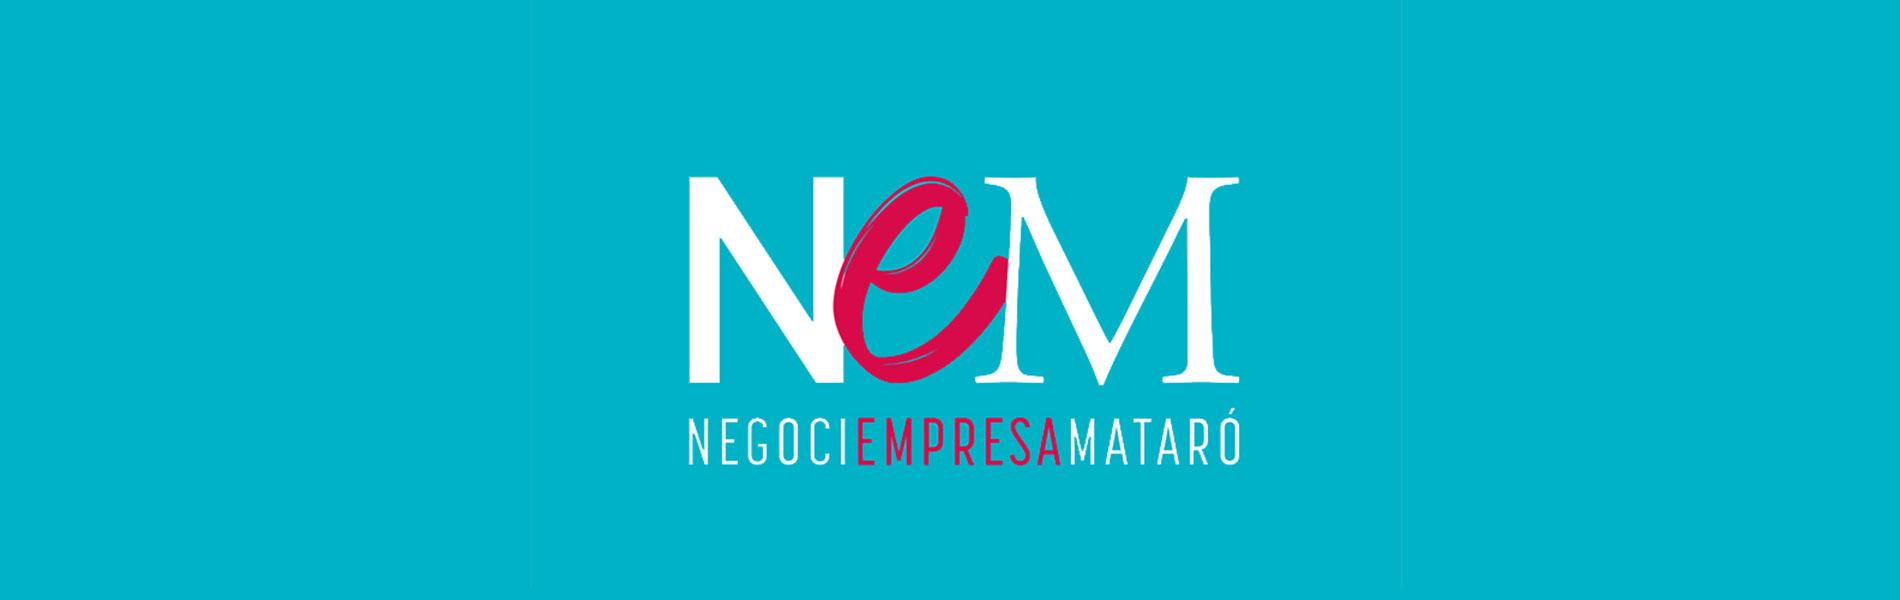 NEM_logo-SLIDE